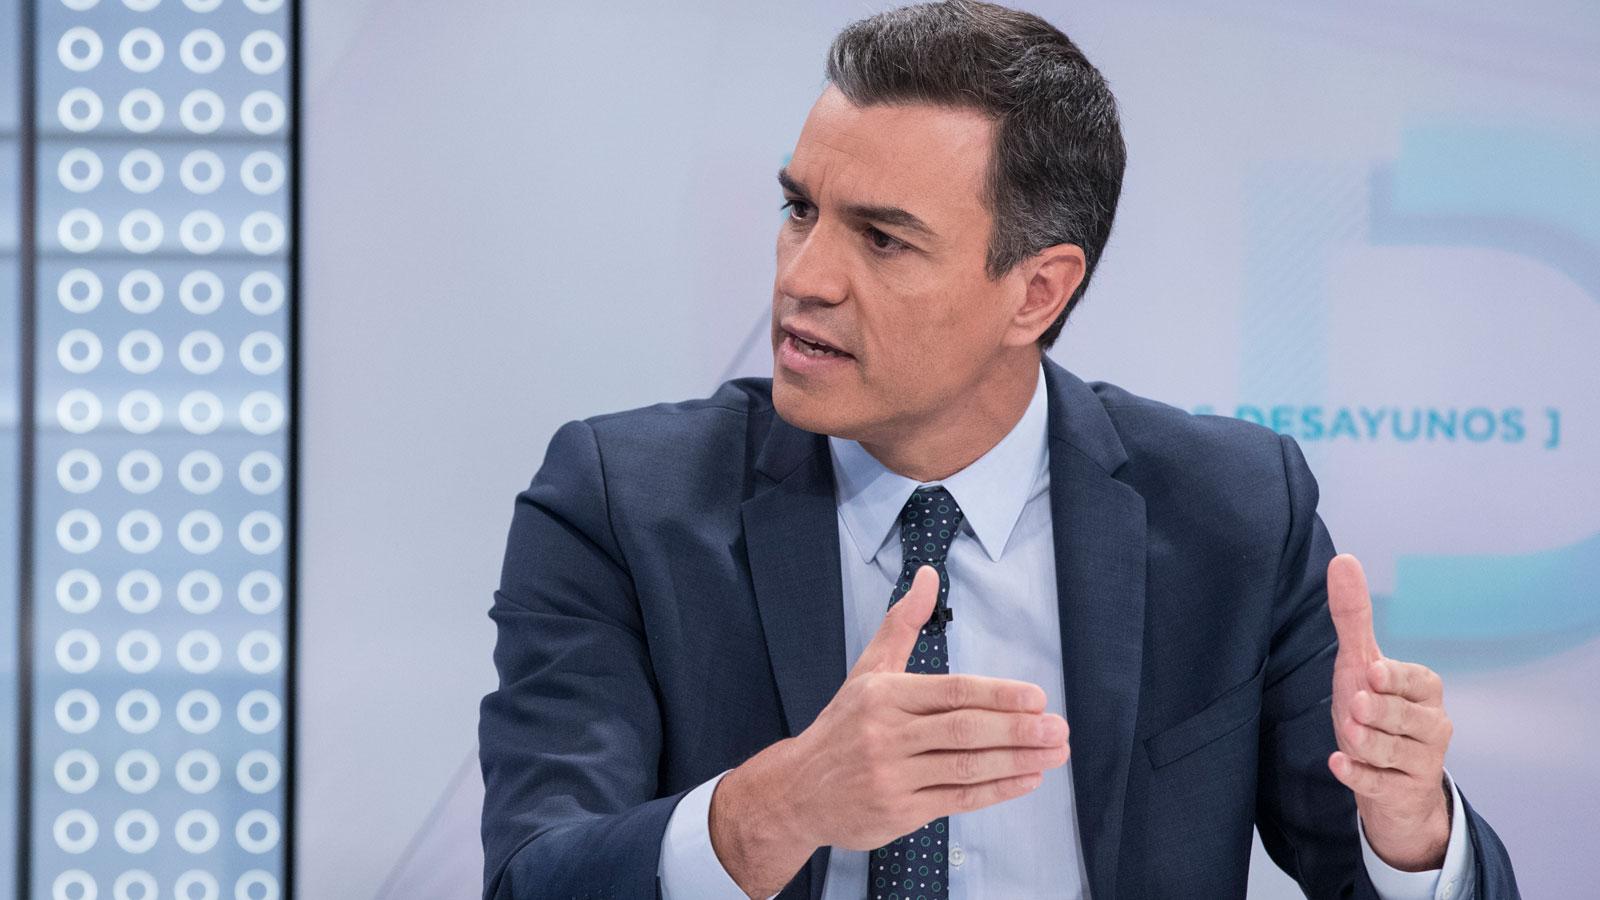 Resultado de imagen de Sánchez se pregunta si Podemos estaría en un gobierno que deba aplicar el artículo 155 en Cataluña